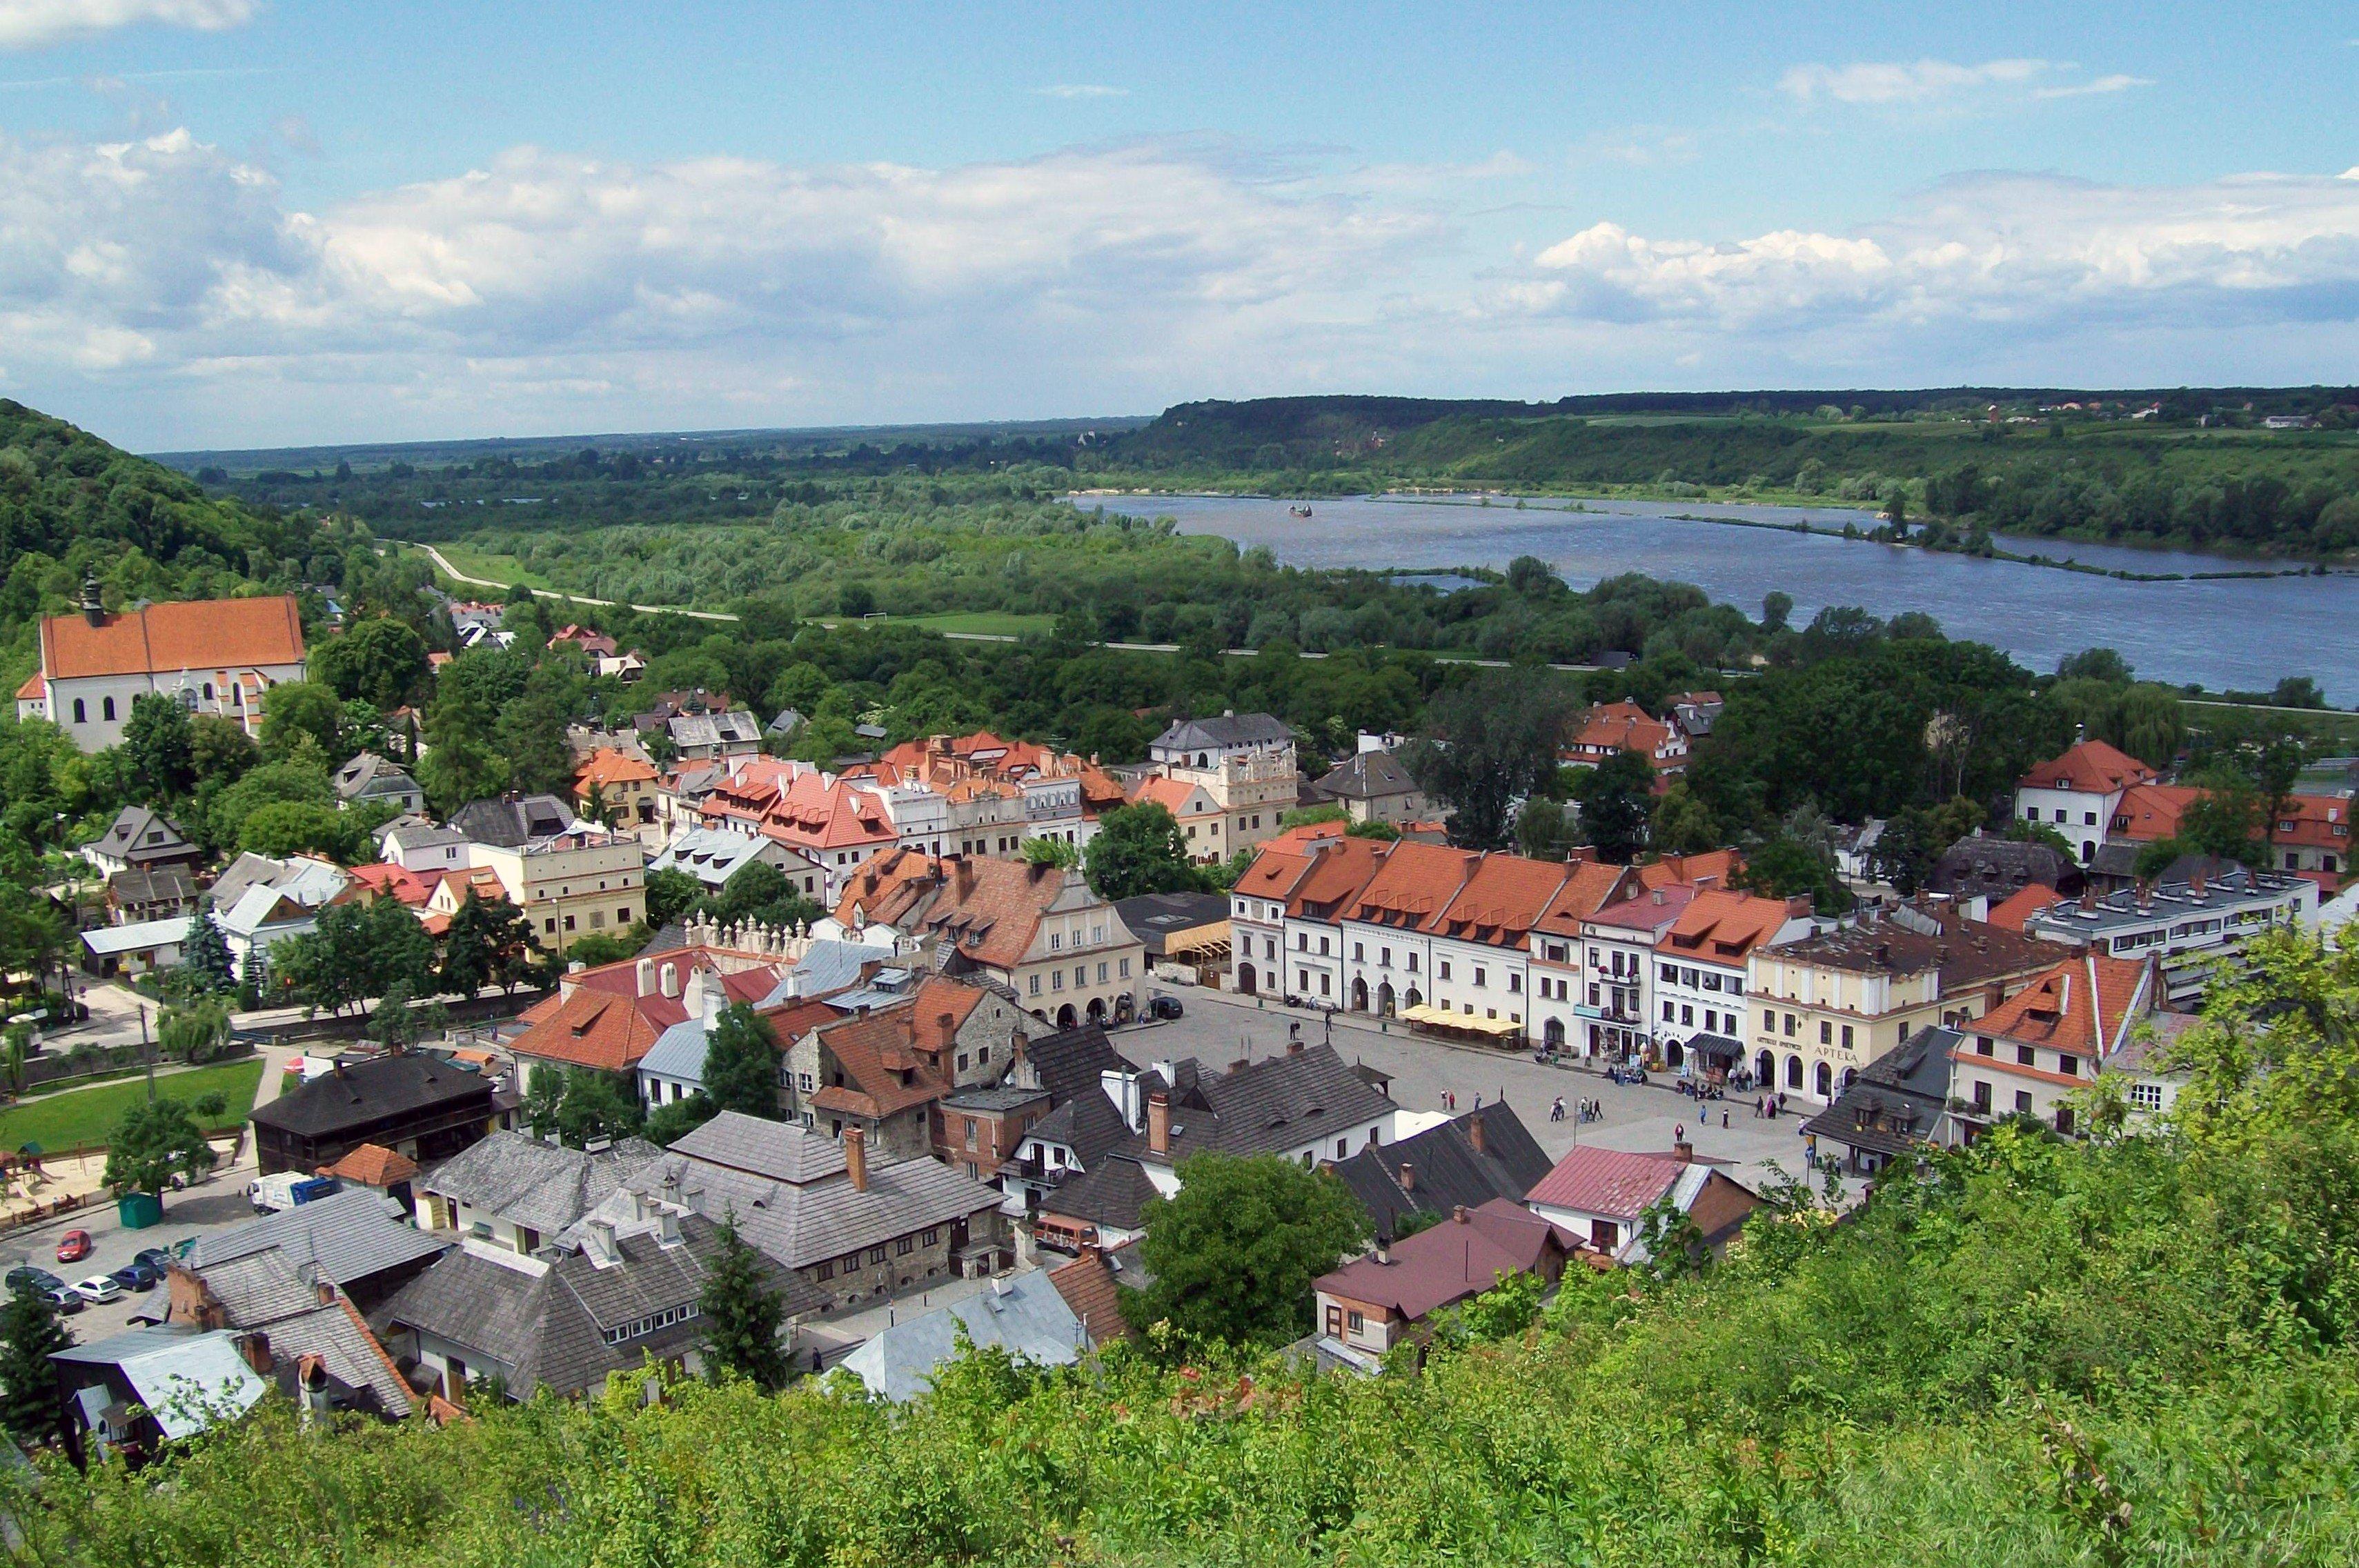 Widok na Kazimierz Dolny ze Wzgórza Trzech Krzyży